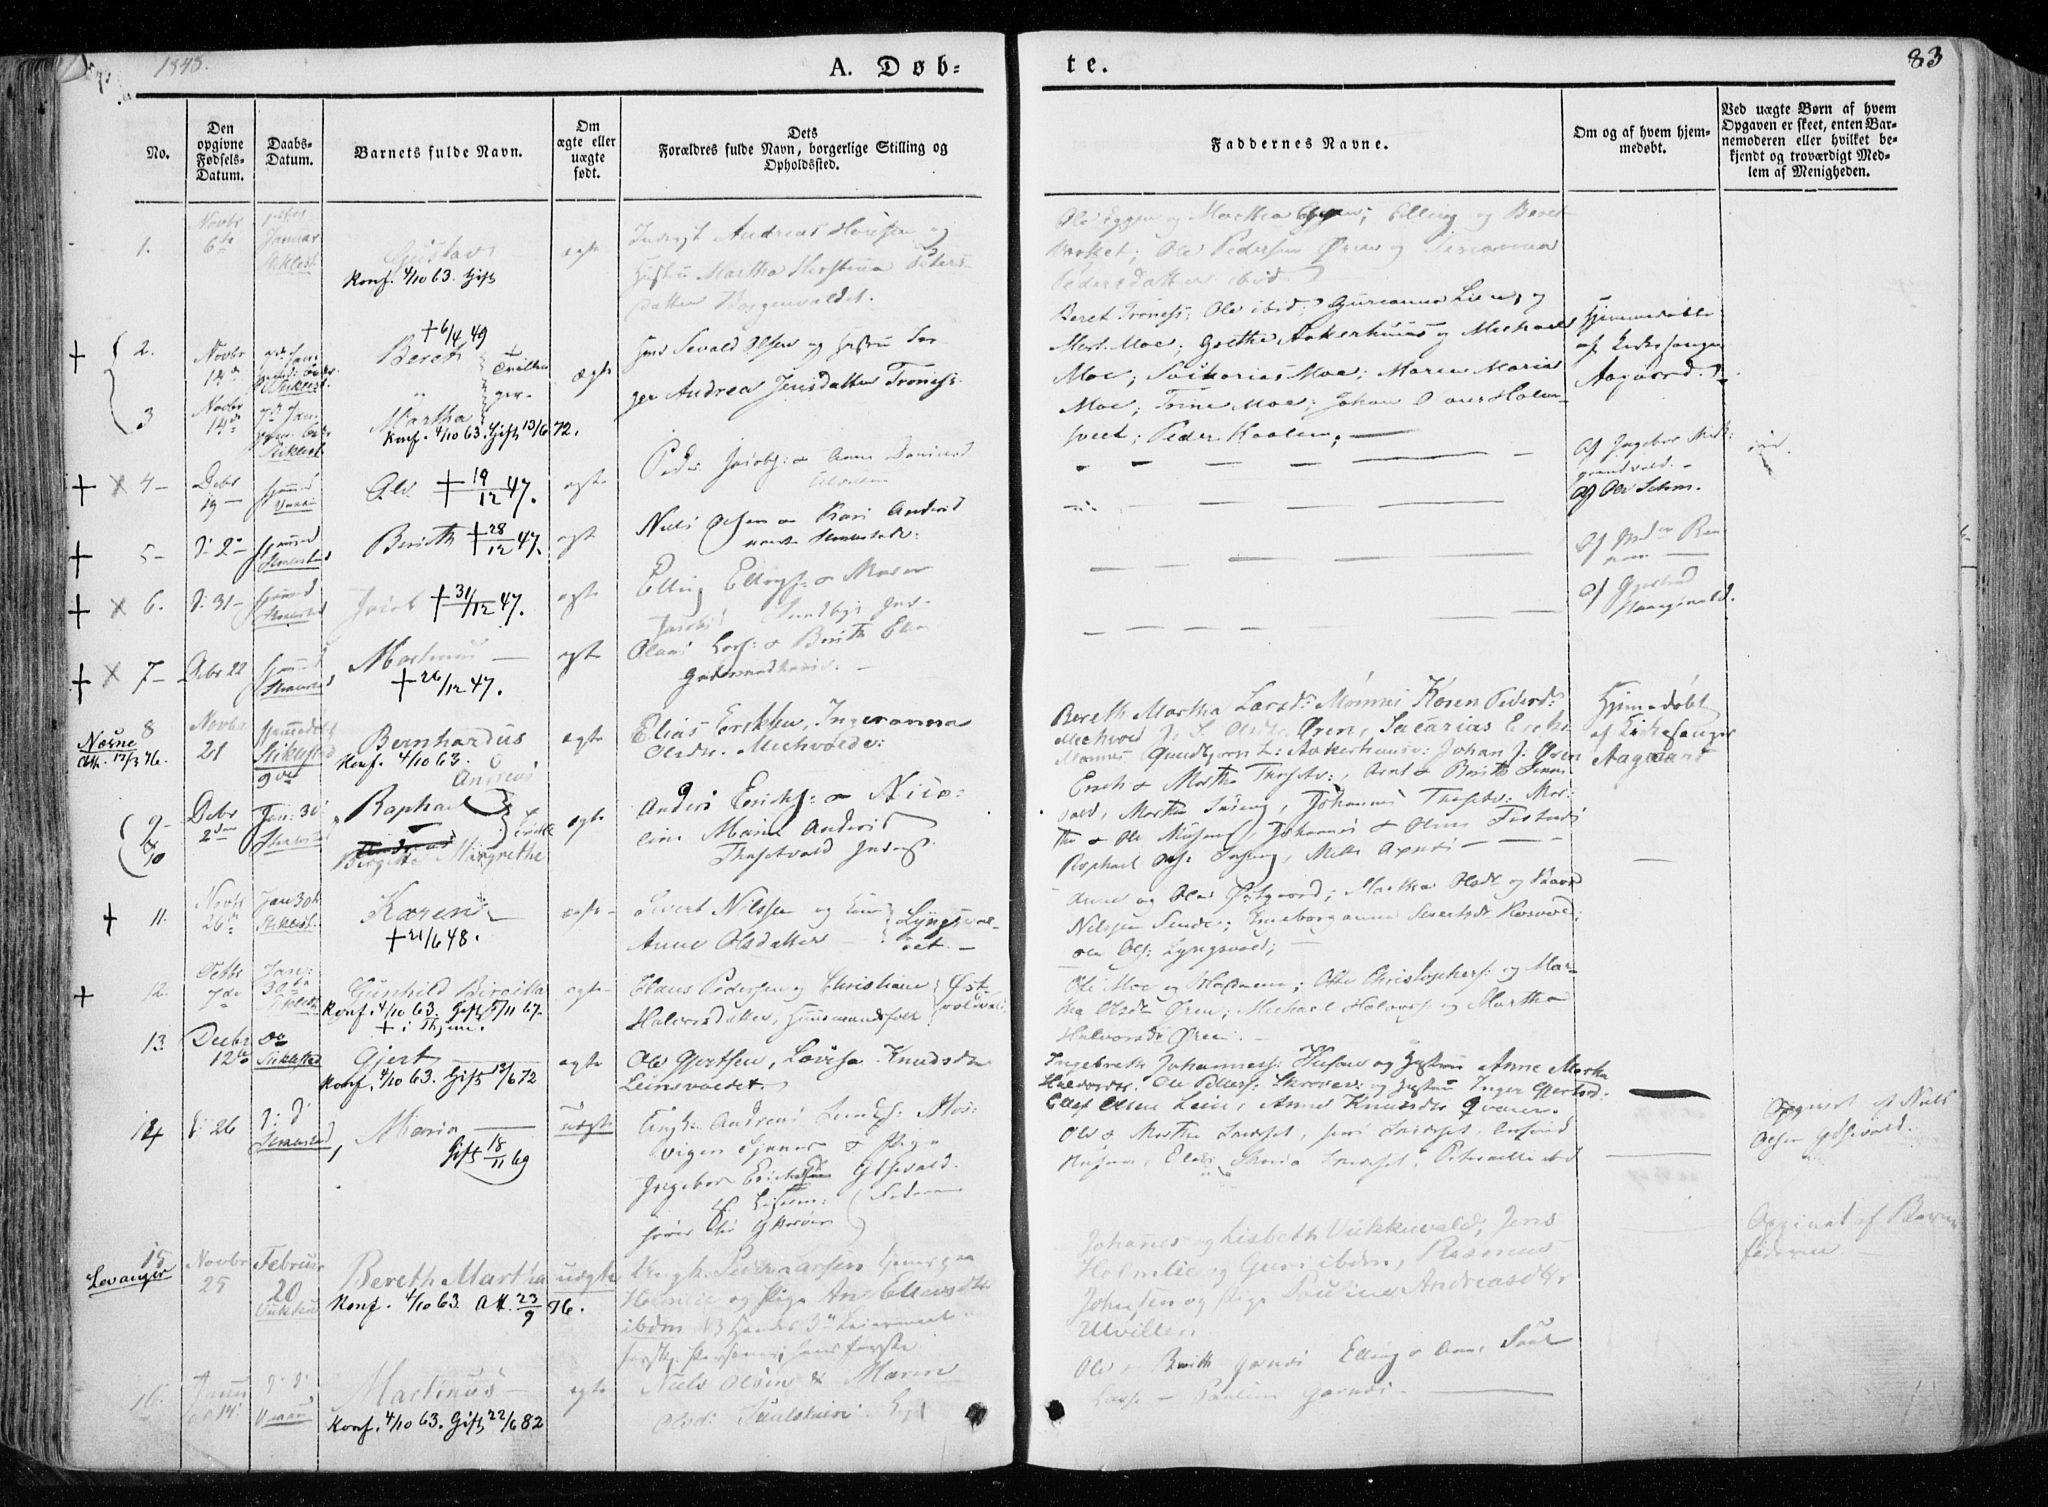 SAT, Ministerialprotokoller, klokkerbøker og fødselsregistre - Nord-Trøndelag, 723/L0239: Ministerialbok nr. 723A08, 1841-1851, s. 83